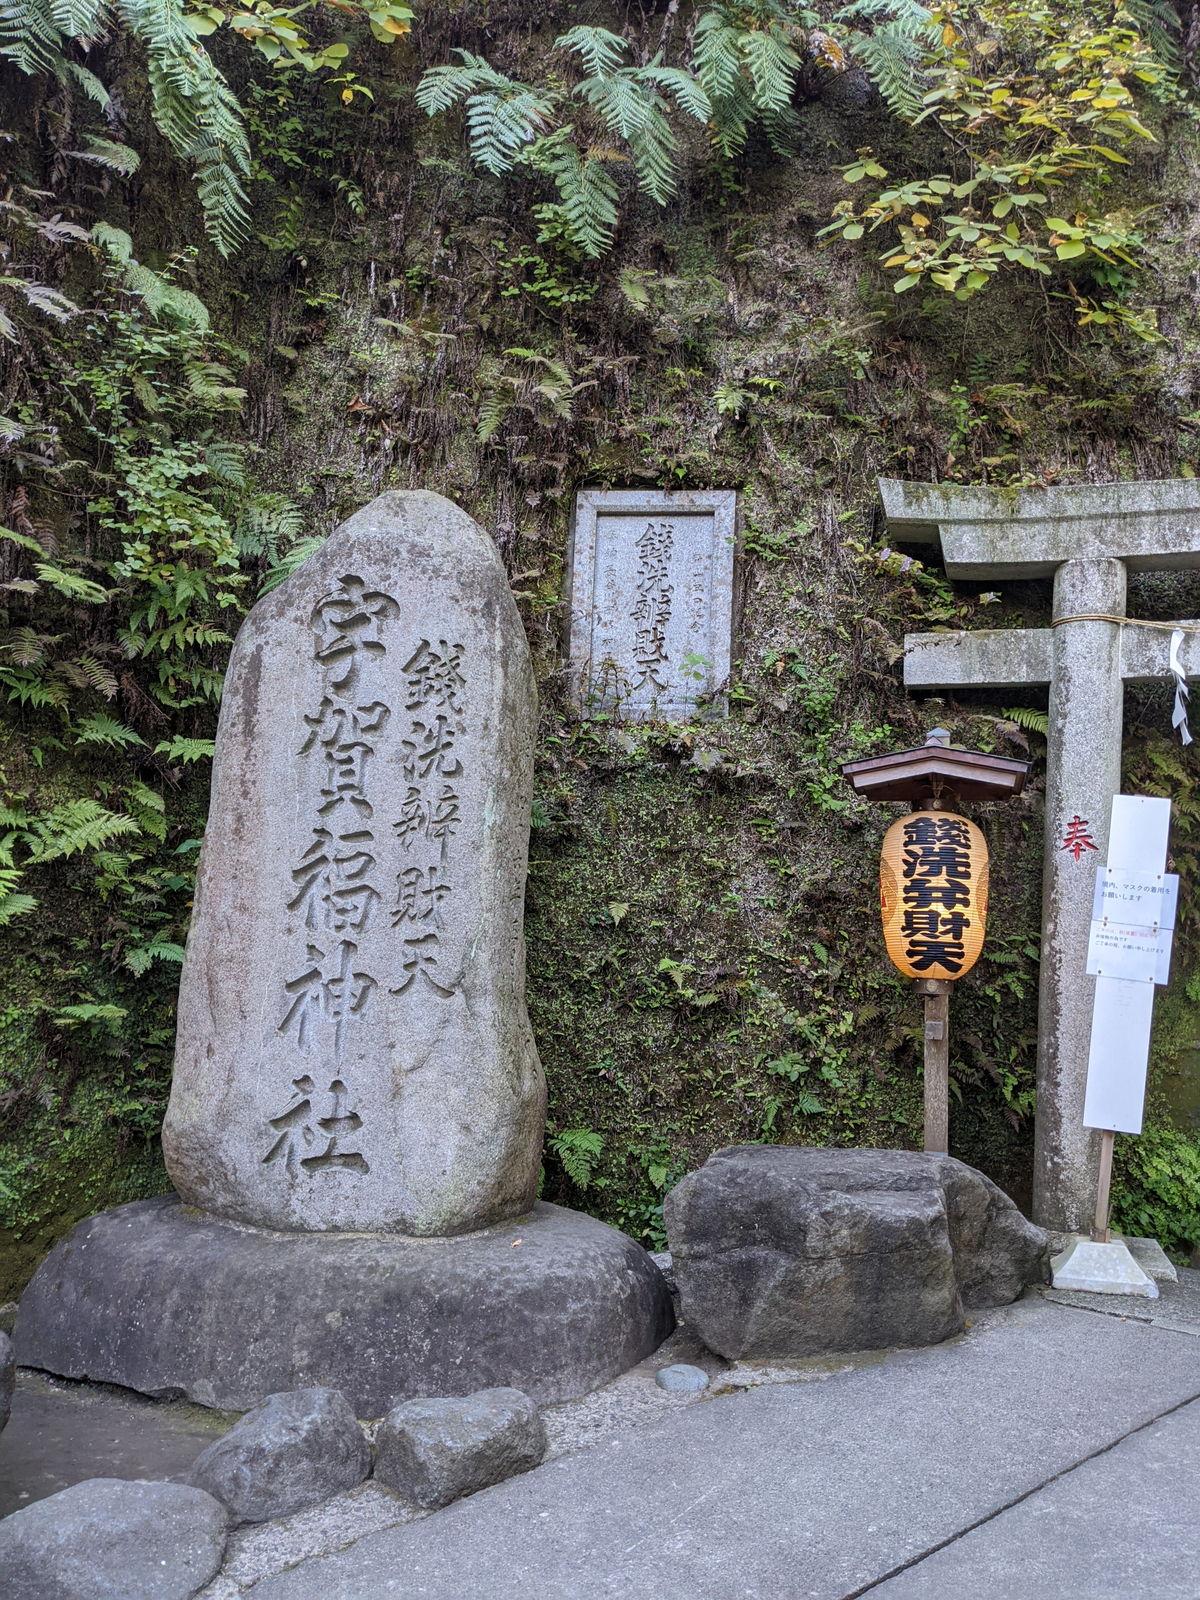 銭洗弁財天宇賀福神社への入り口